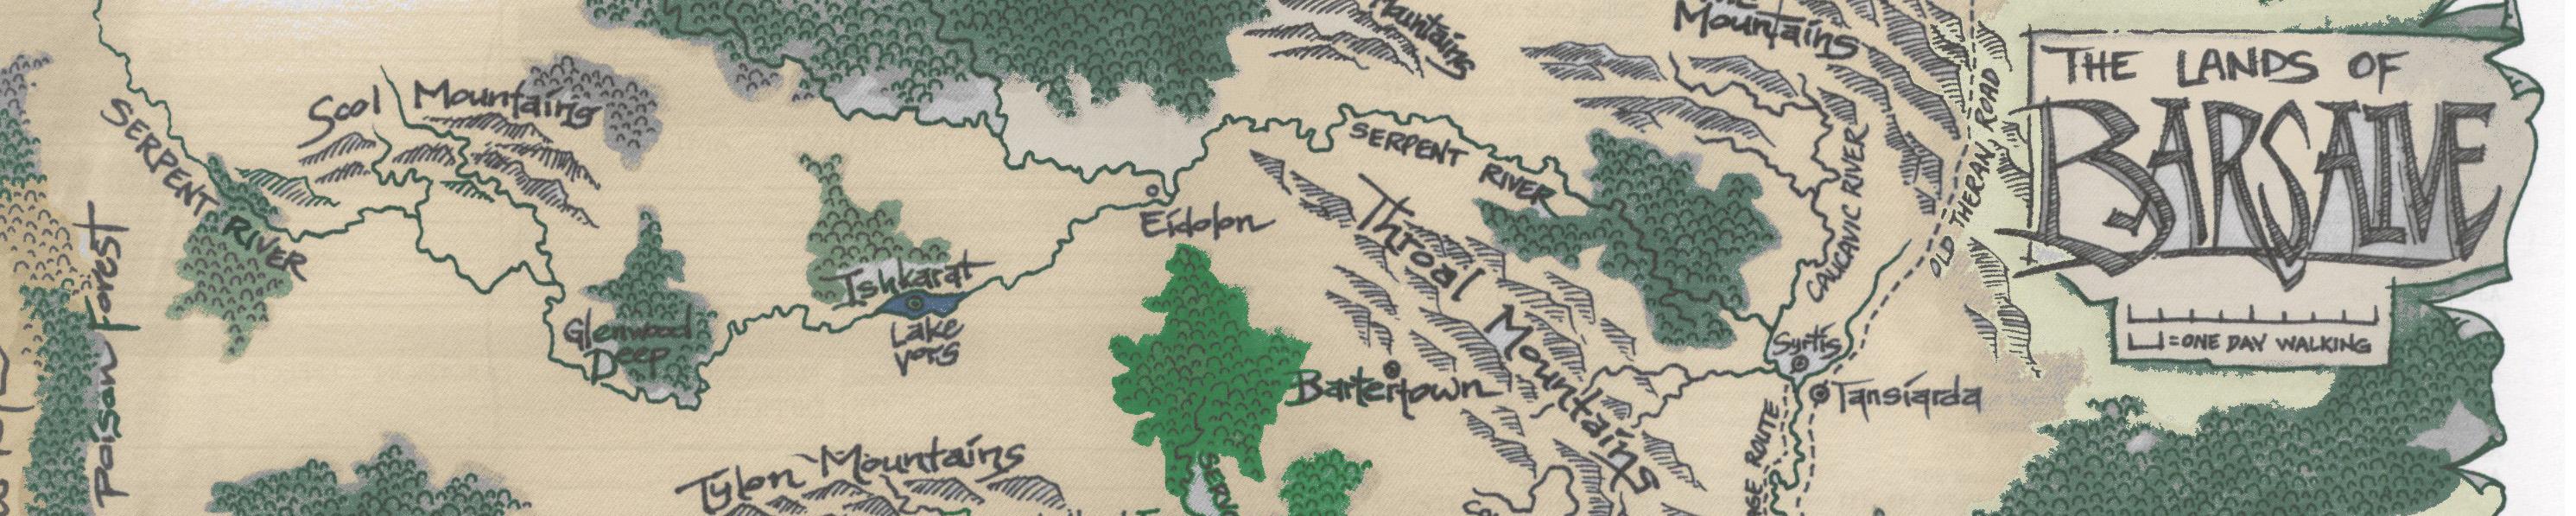 Maplogo